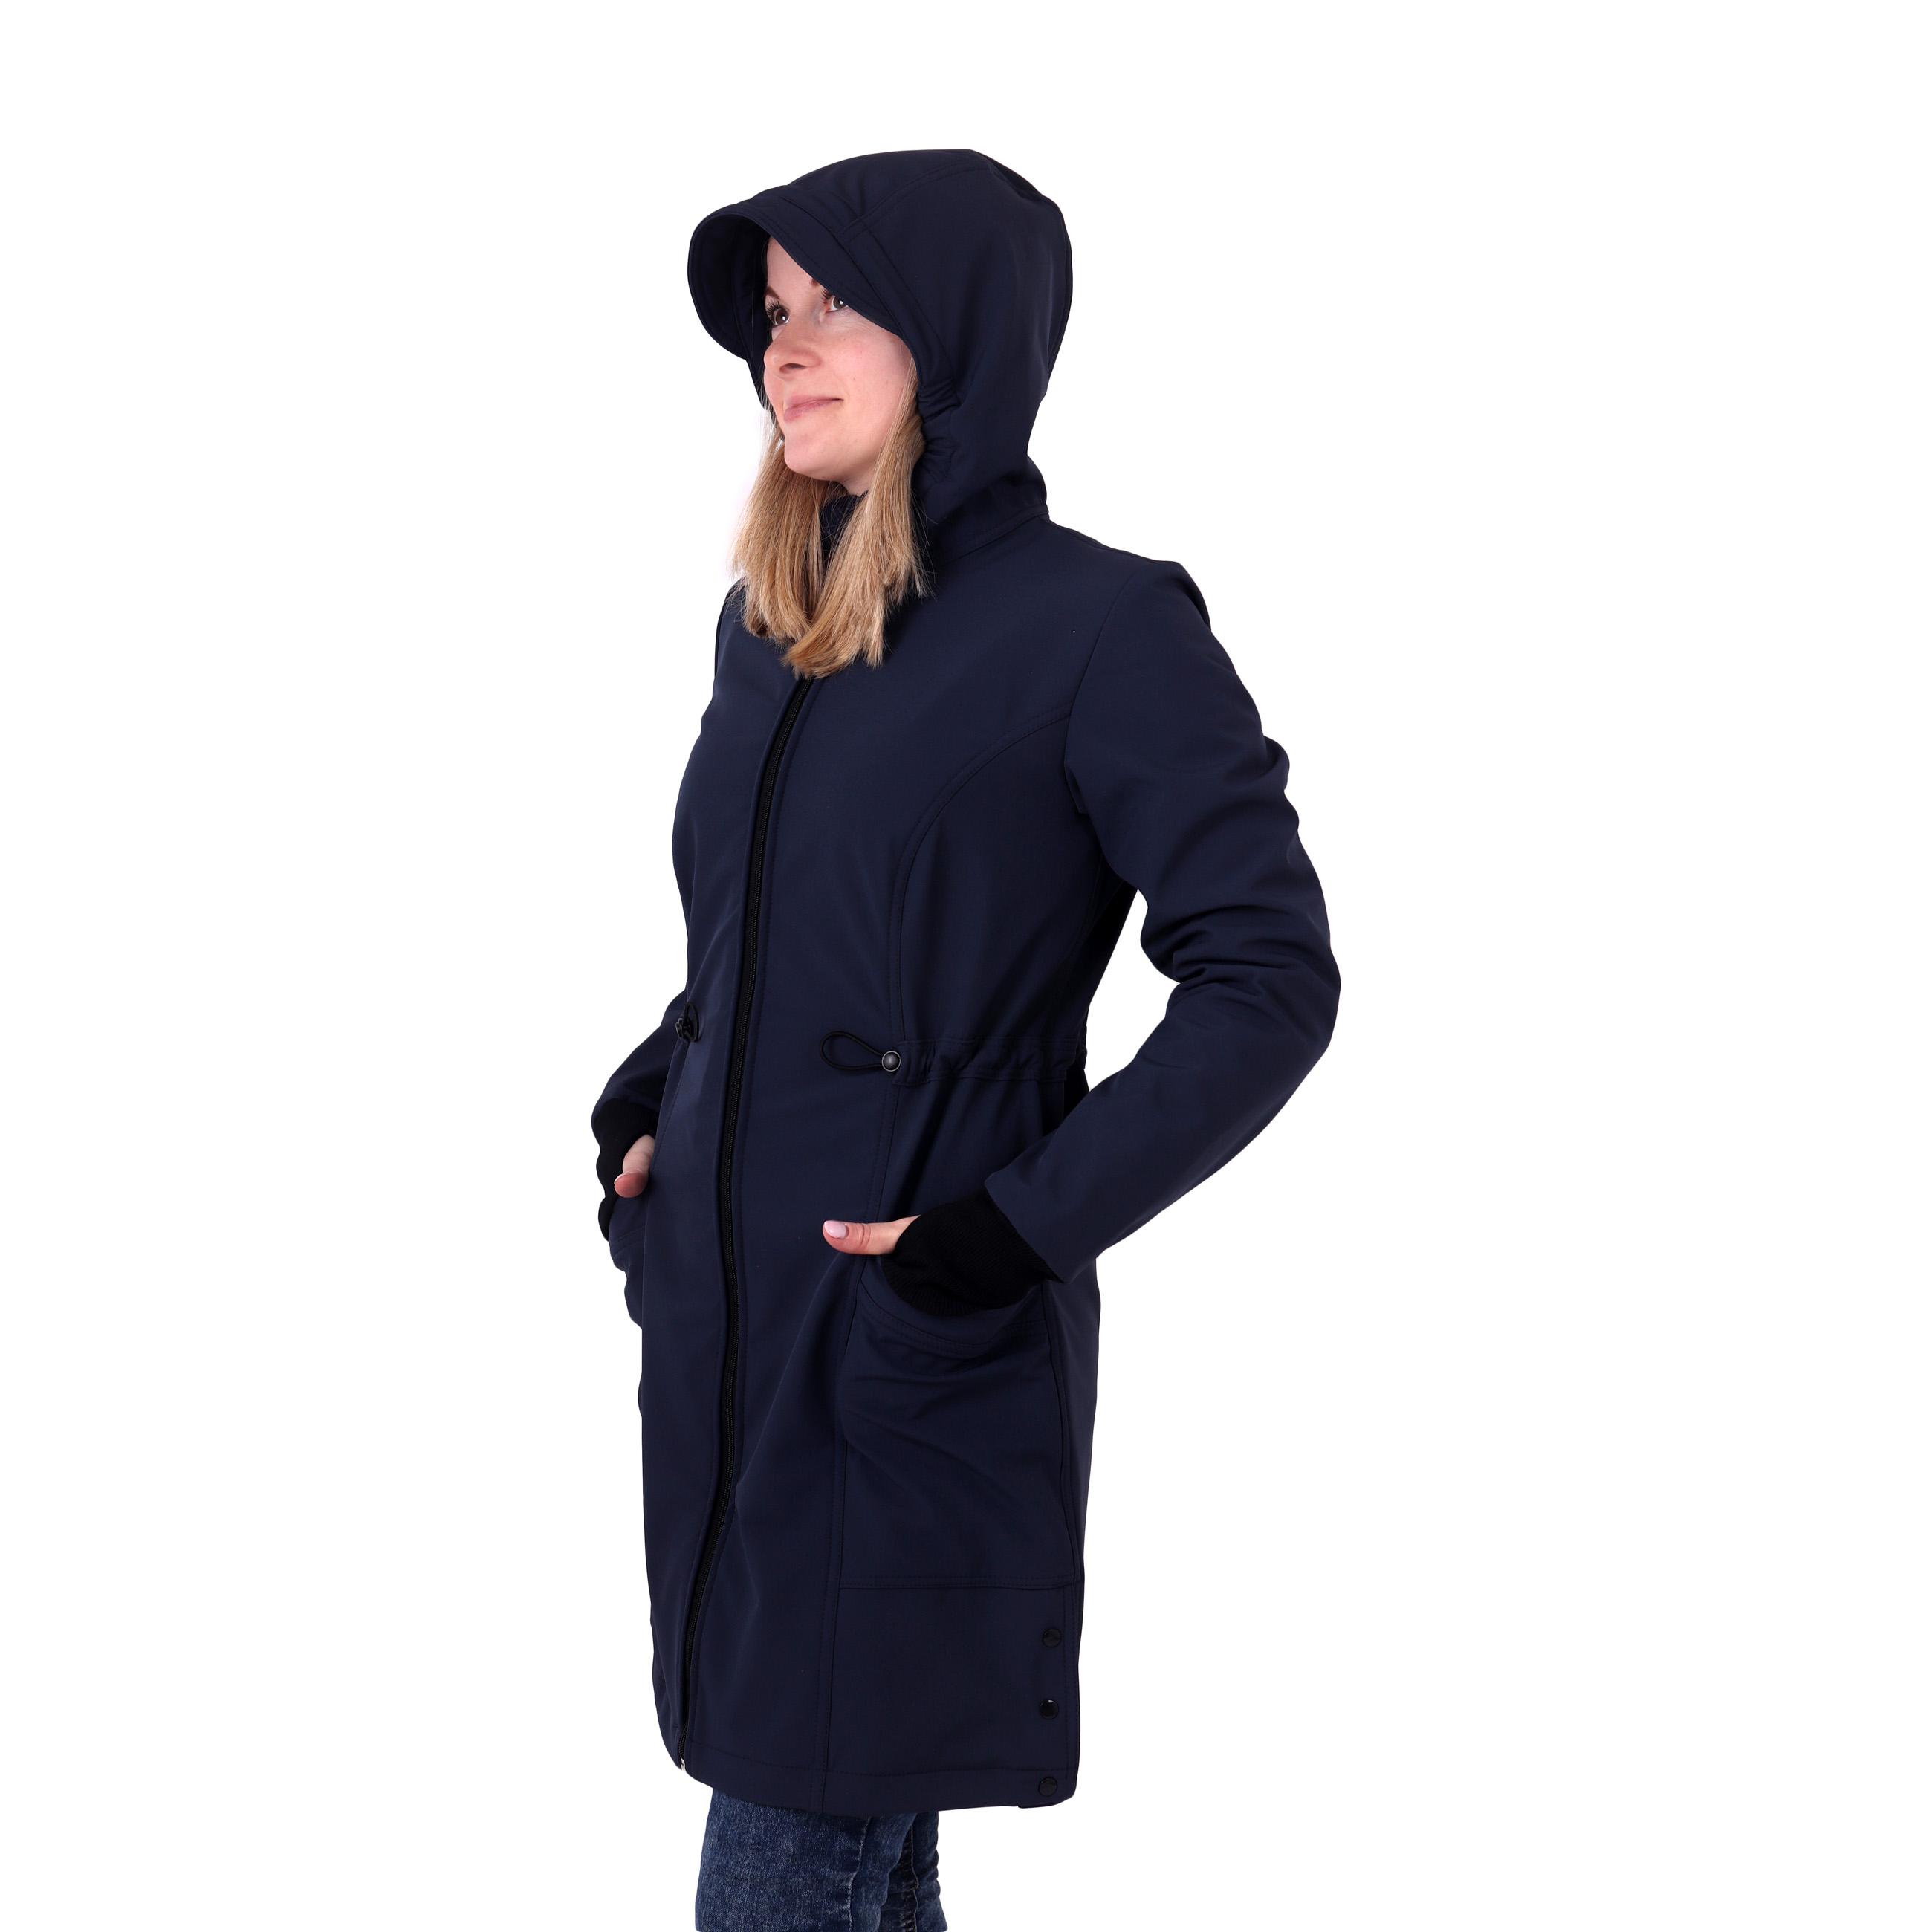 Dámský softshellový kabát hana, tmavě modrý, s